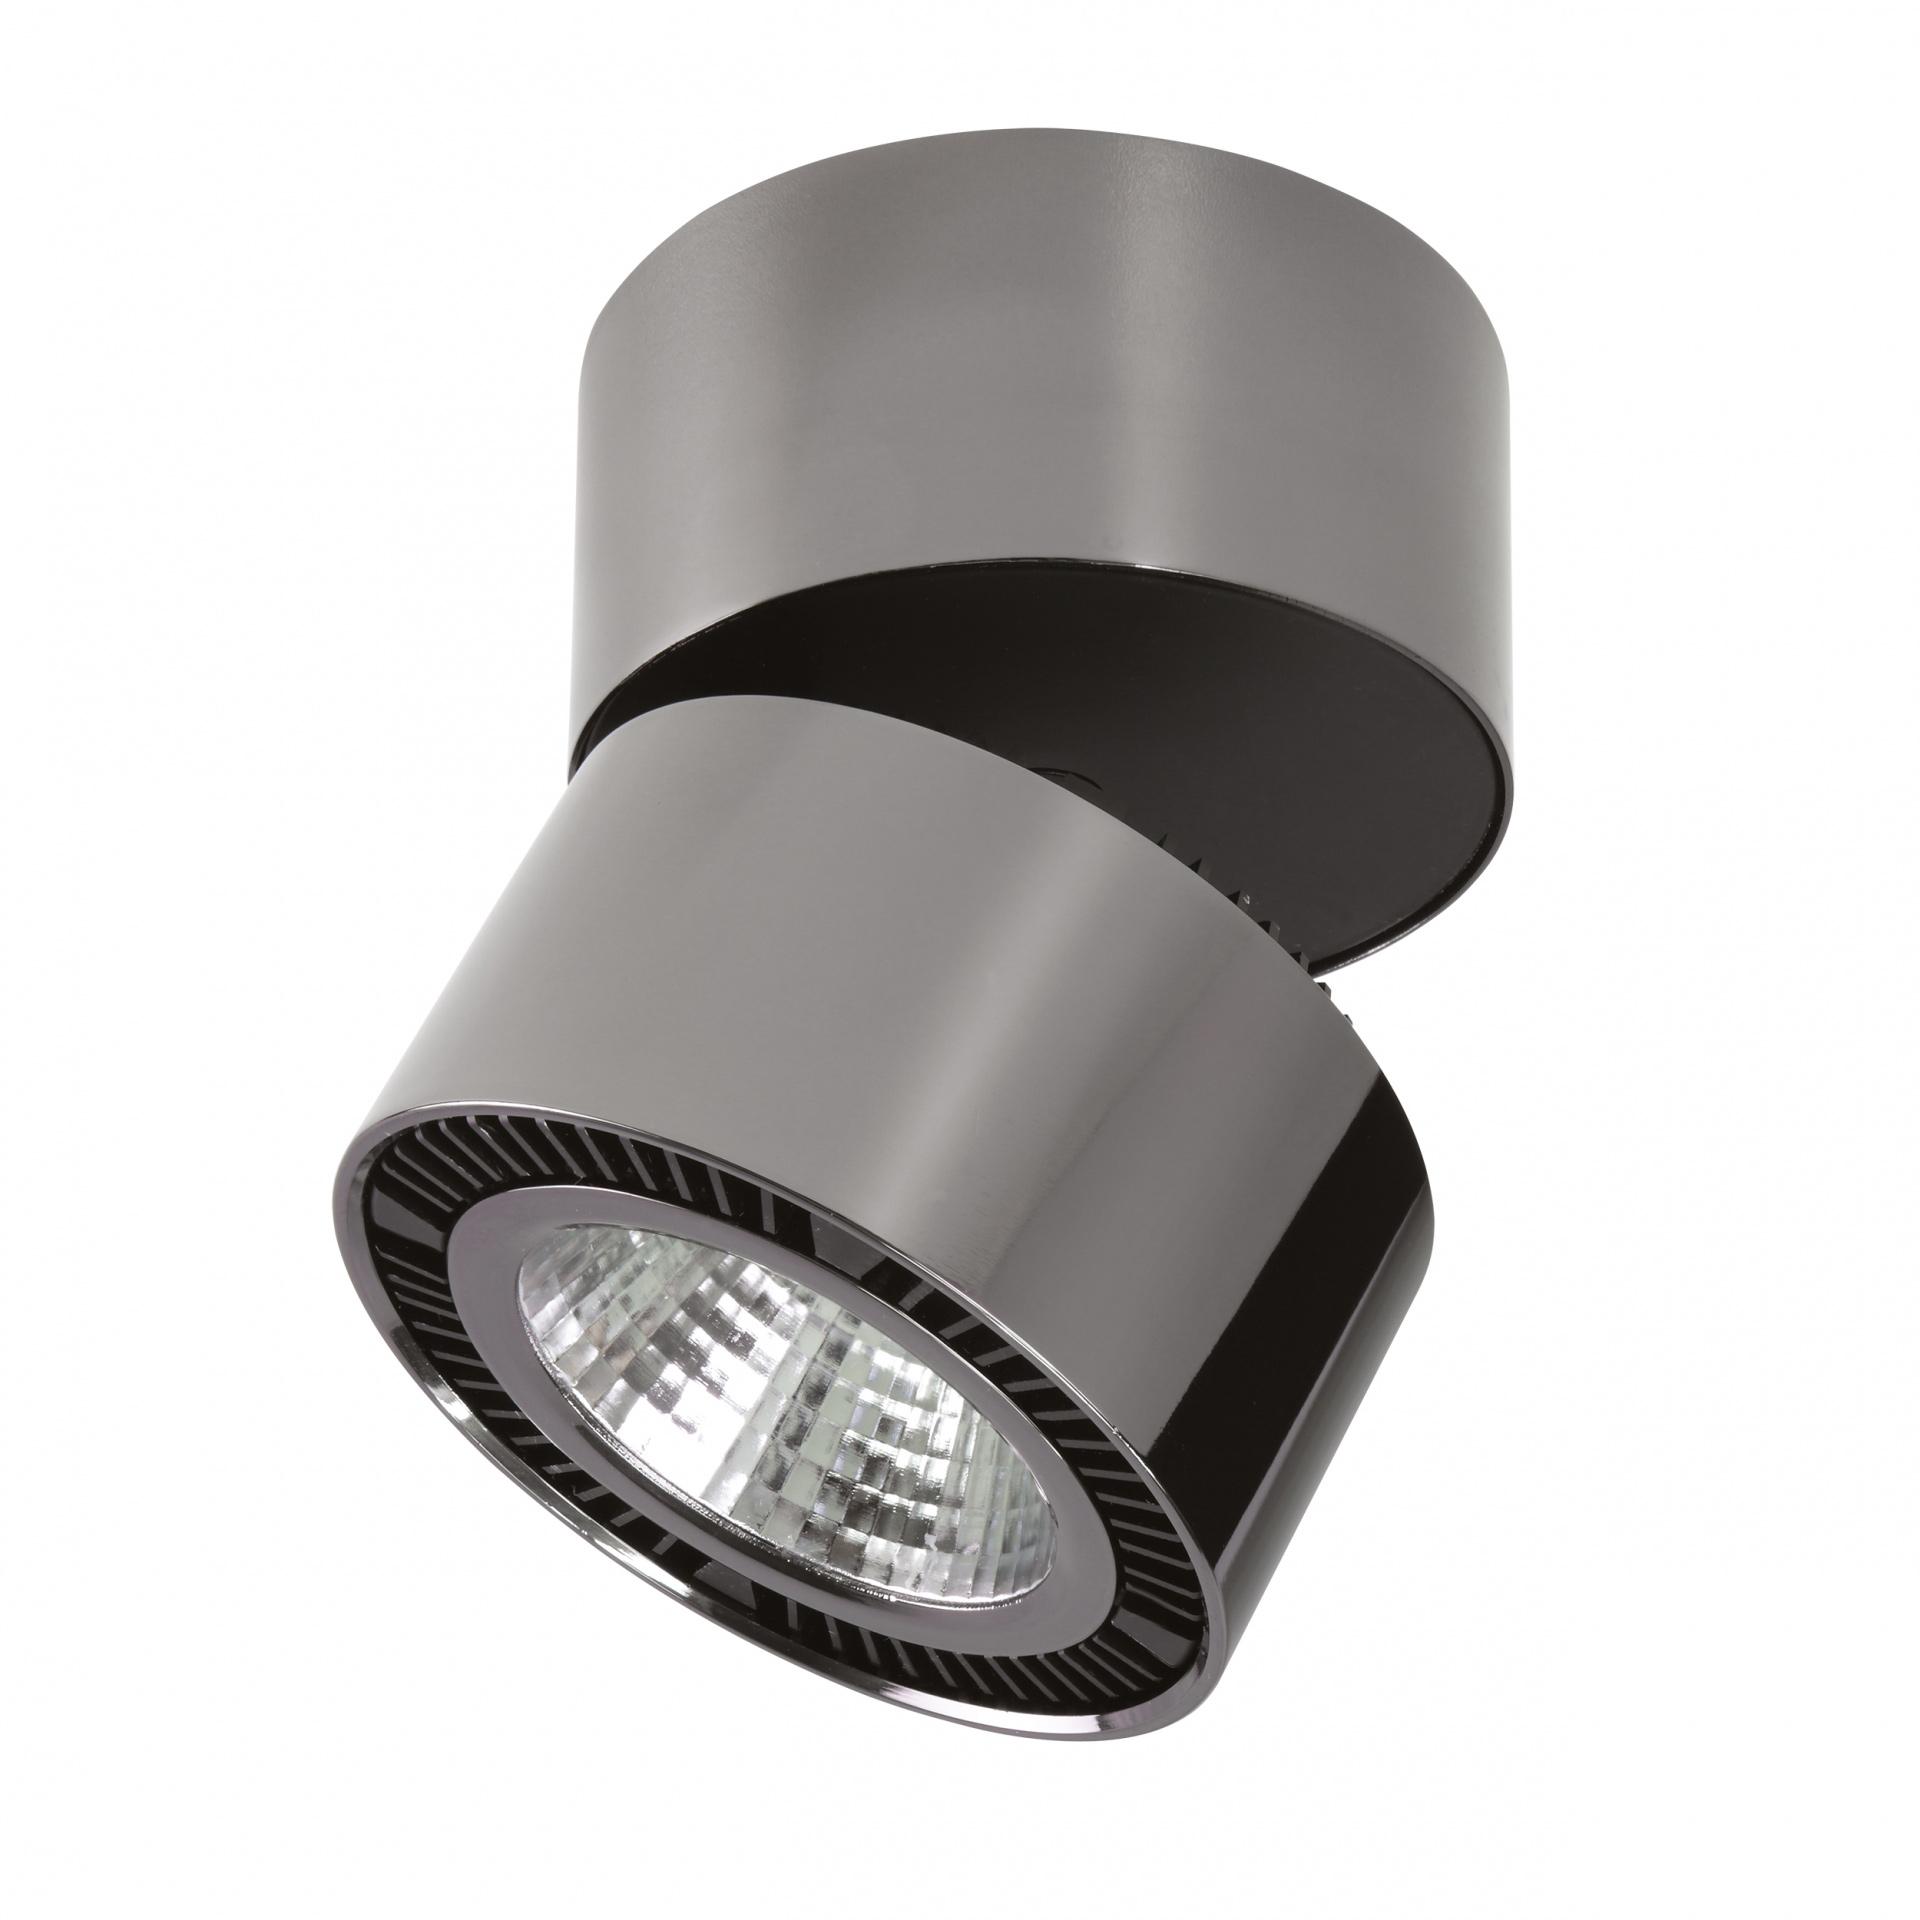 Светильник Forte Muro LED 26W 1950LM 30G черный хром 4000K Lightstar 214838, купить в СПб, Москве, с доставкой, Санкт-Петербург, интернет-магазин люстр и светильников Starlight, фото в жизни